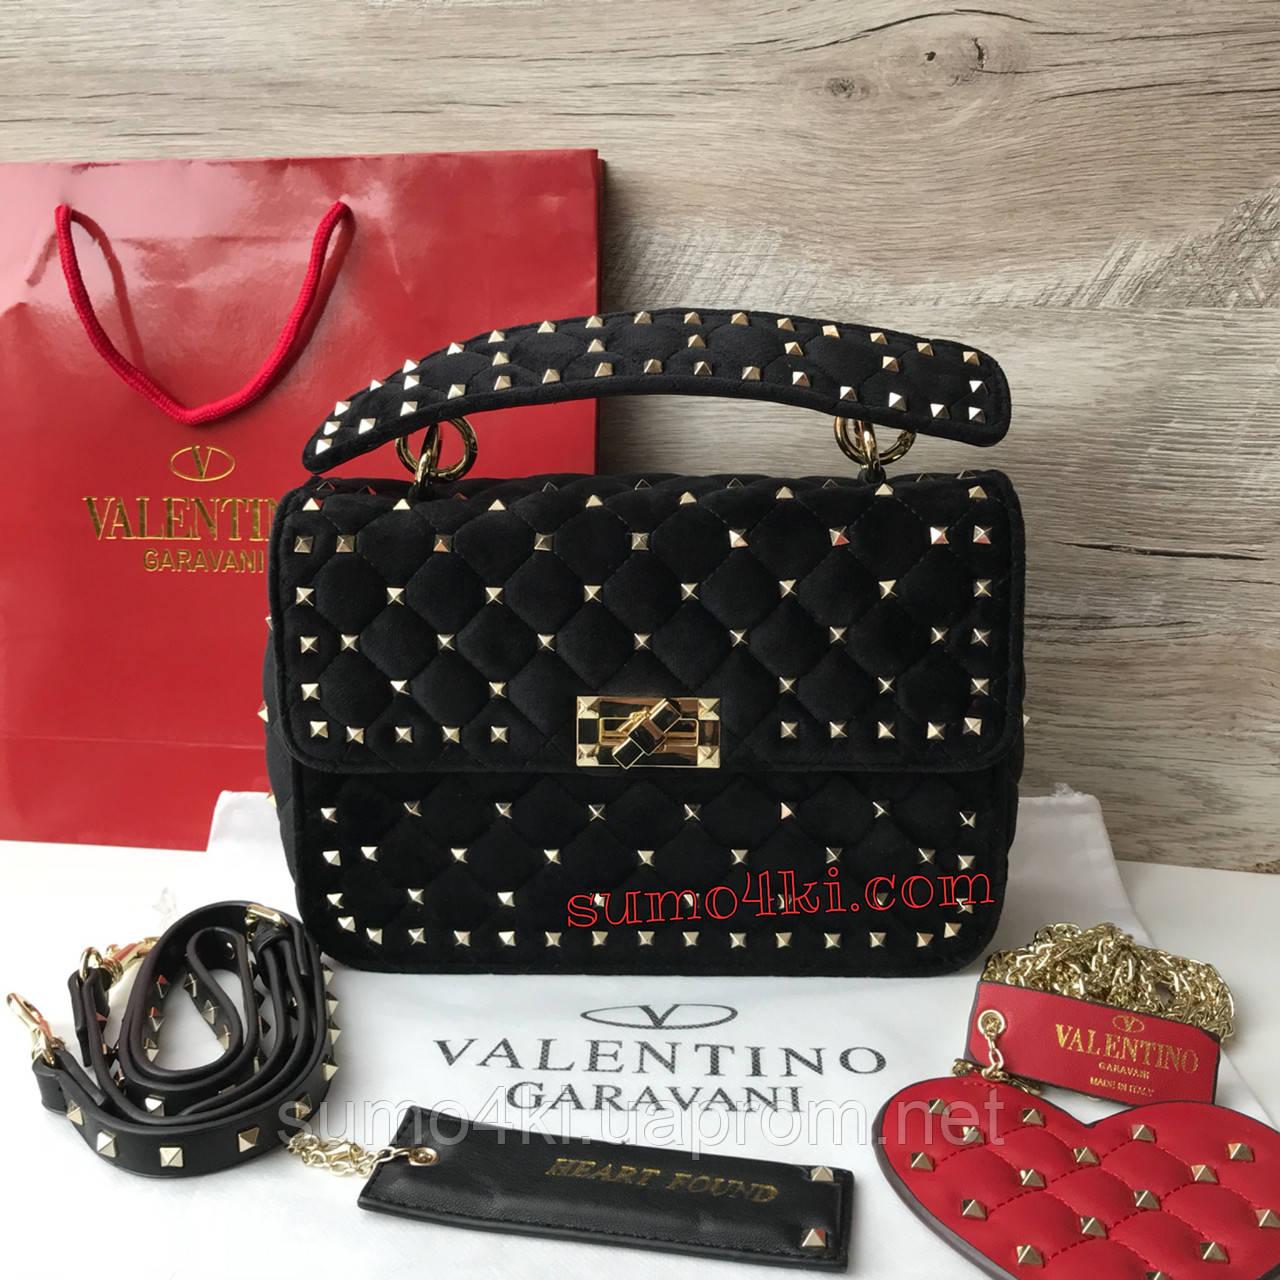 ad88249ede7d Женская бархатная сумка Valentino garavani rockstad - Интернет-магазин  «Галерея Сумок» в Одессе